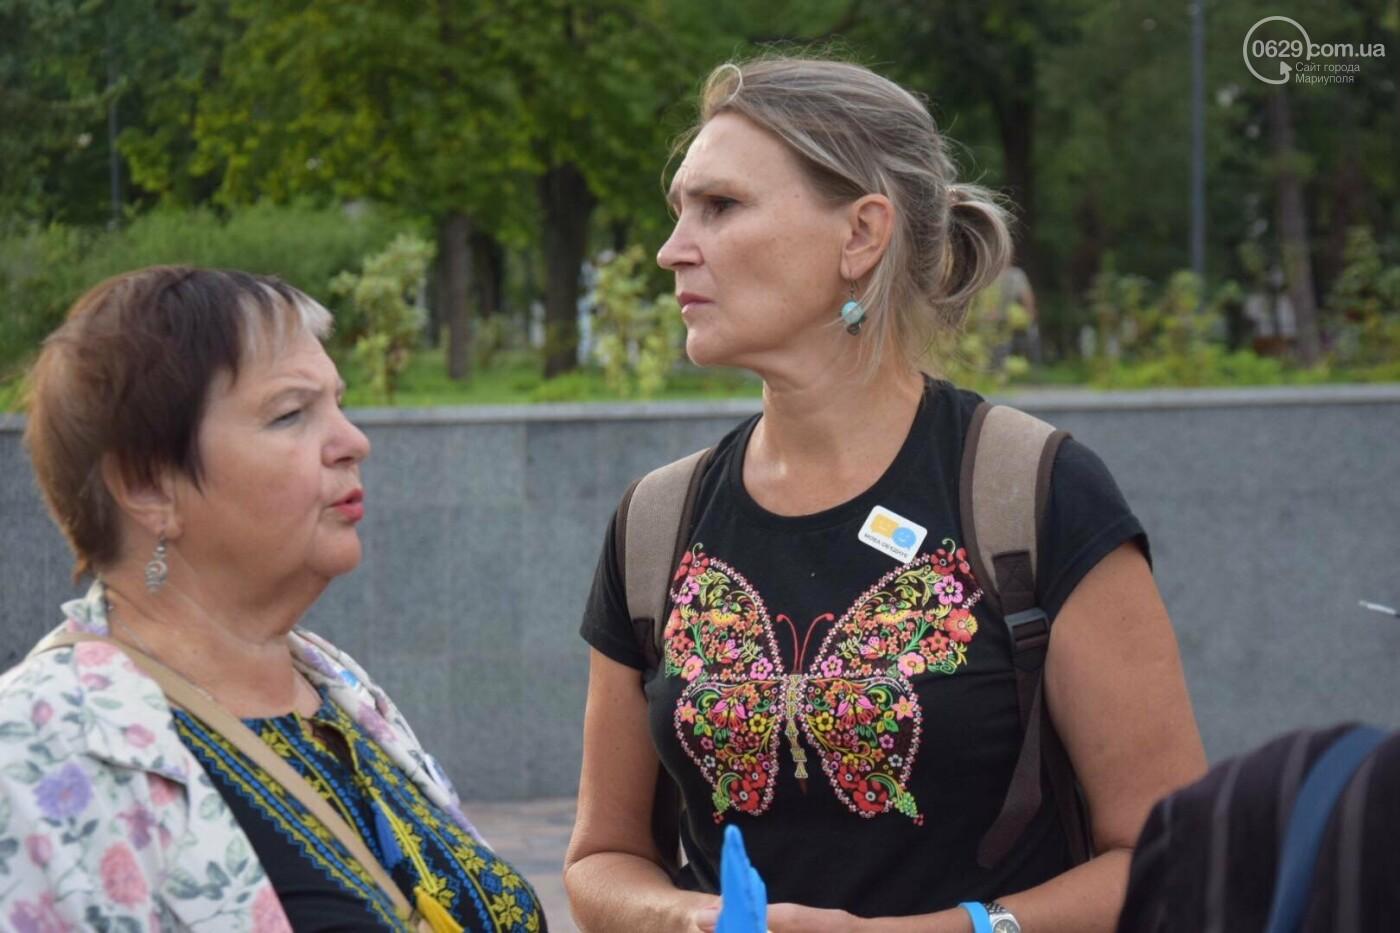 В Мариуполе радостно встретили Закон об украинском языке, - ФОТО, фото-15